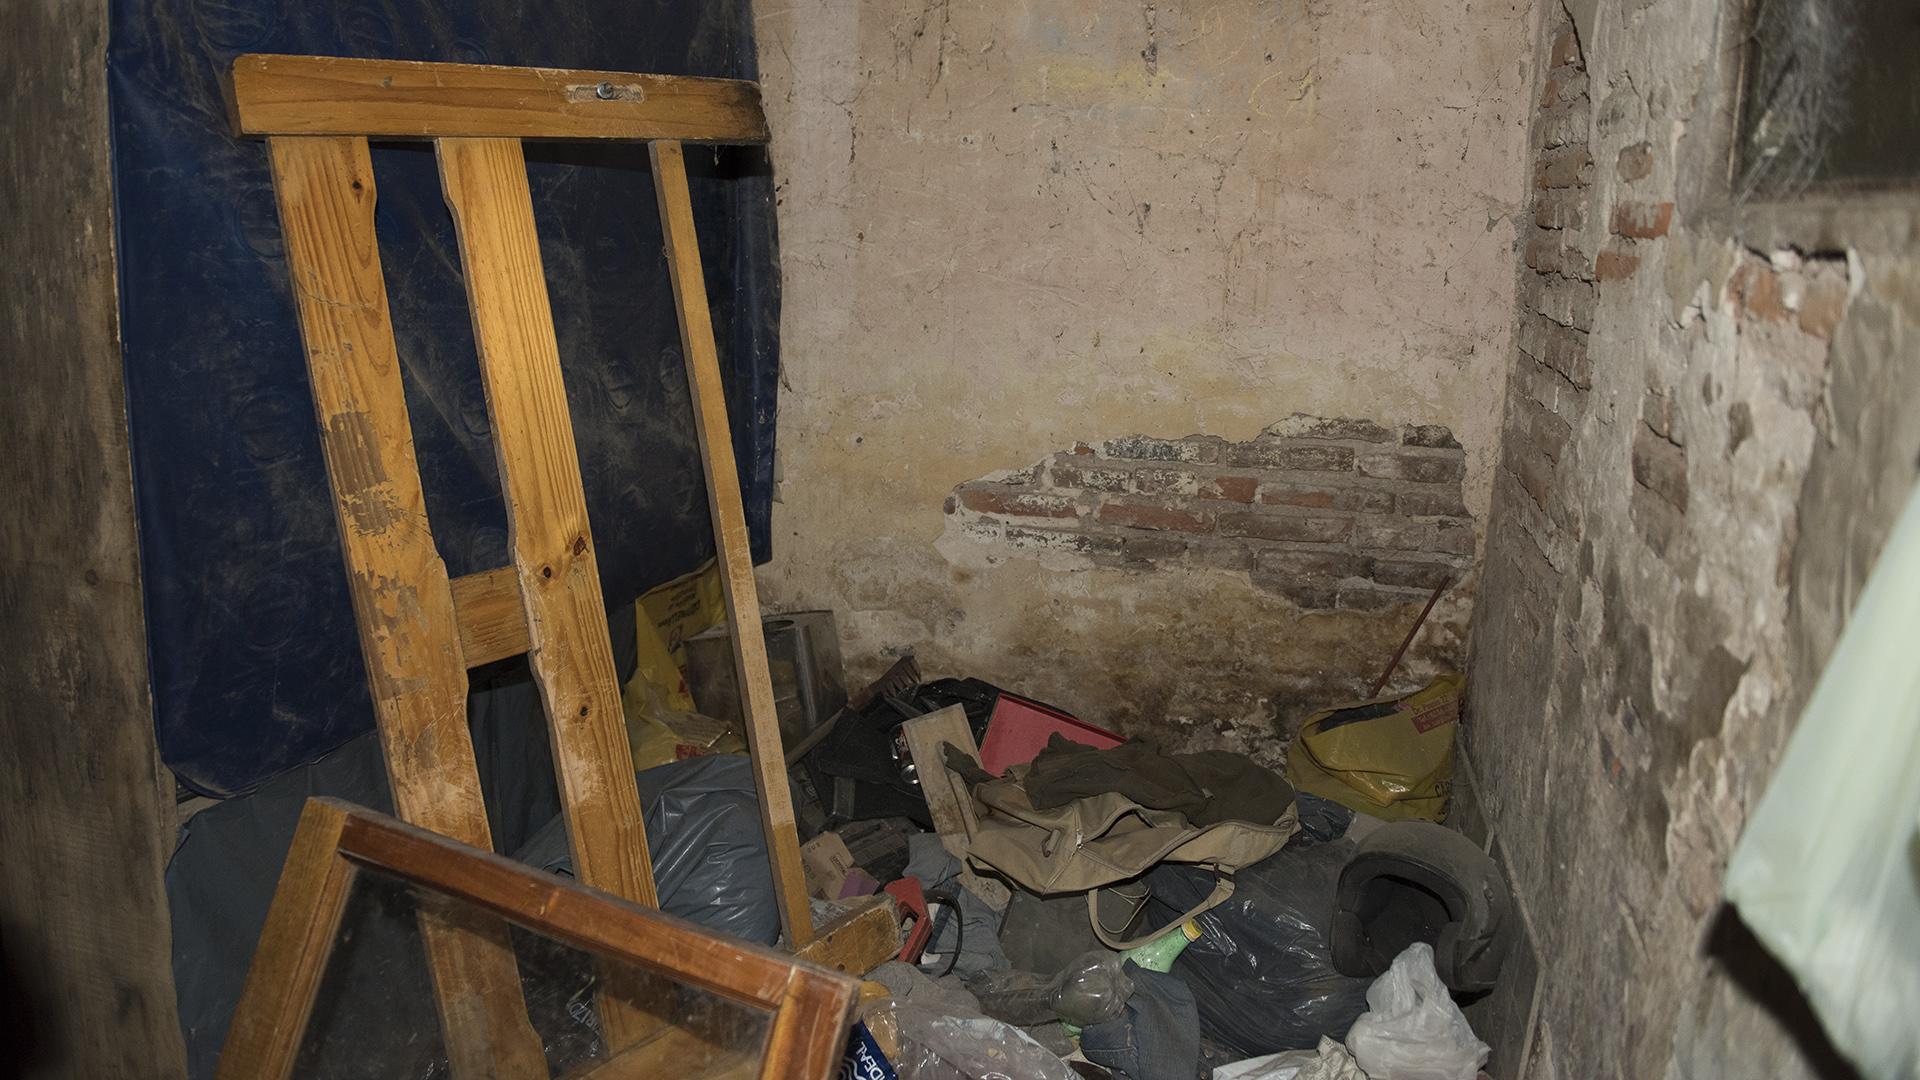 Lo que queda hoy de la habitación que ocupaba Carlos Varela en la casa de su familia. (Adrián Escandar)